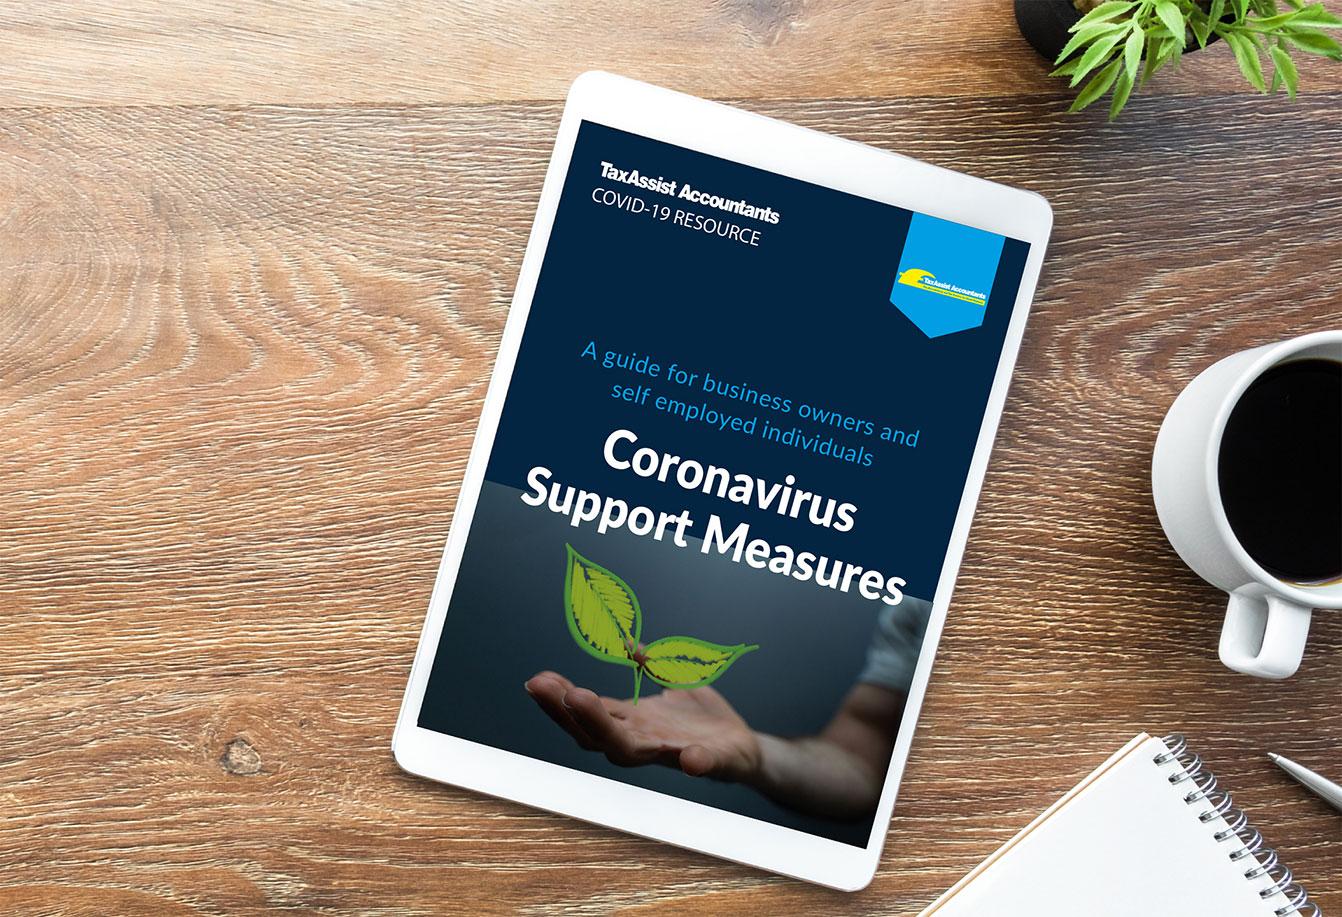 Coronavirus service image